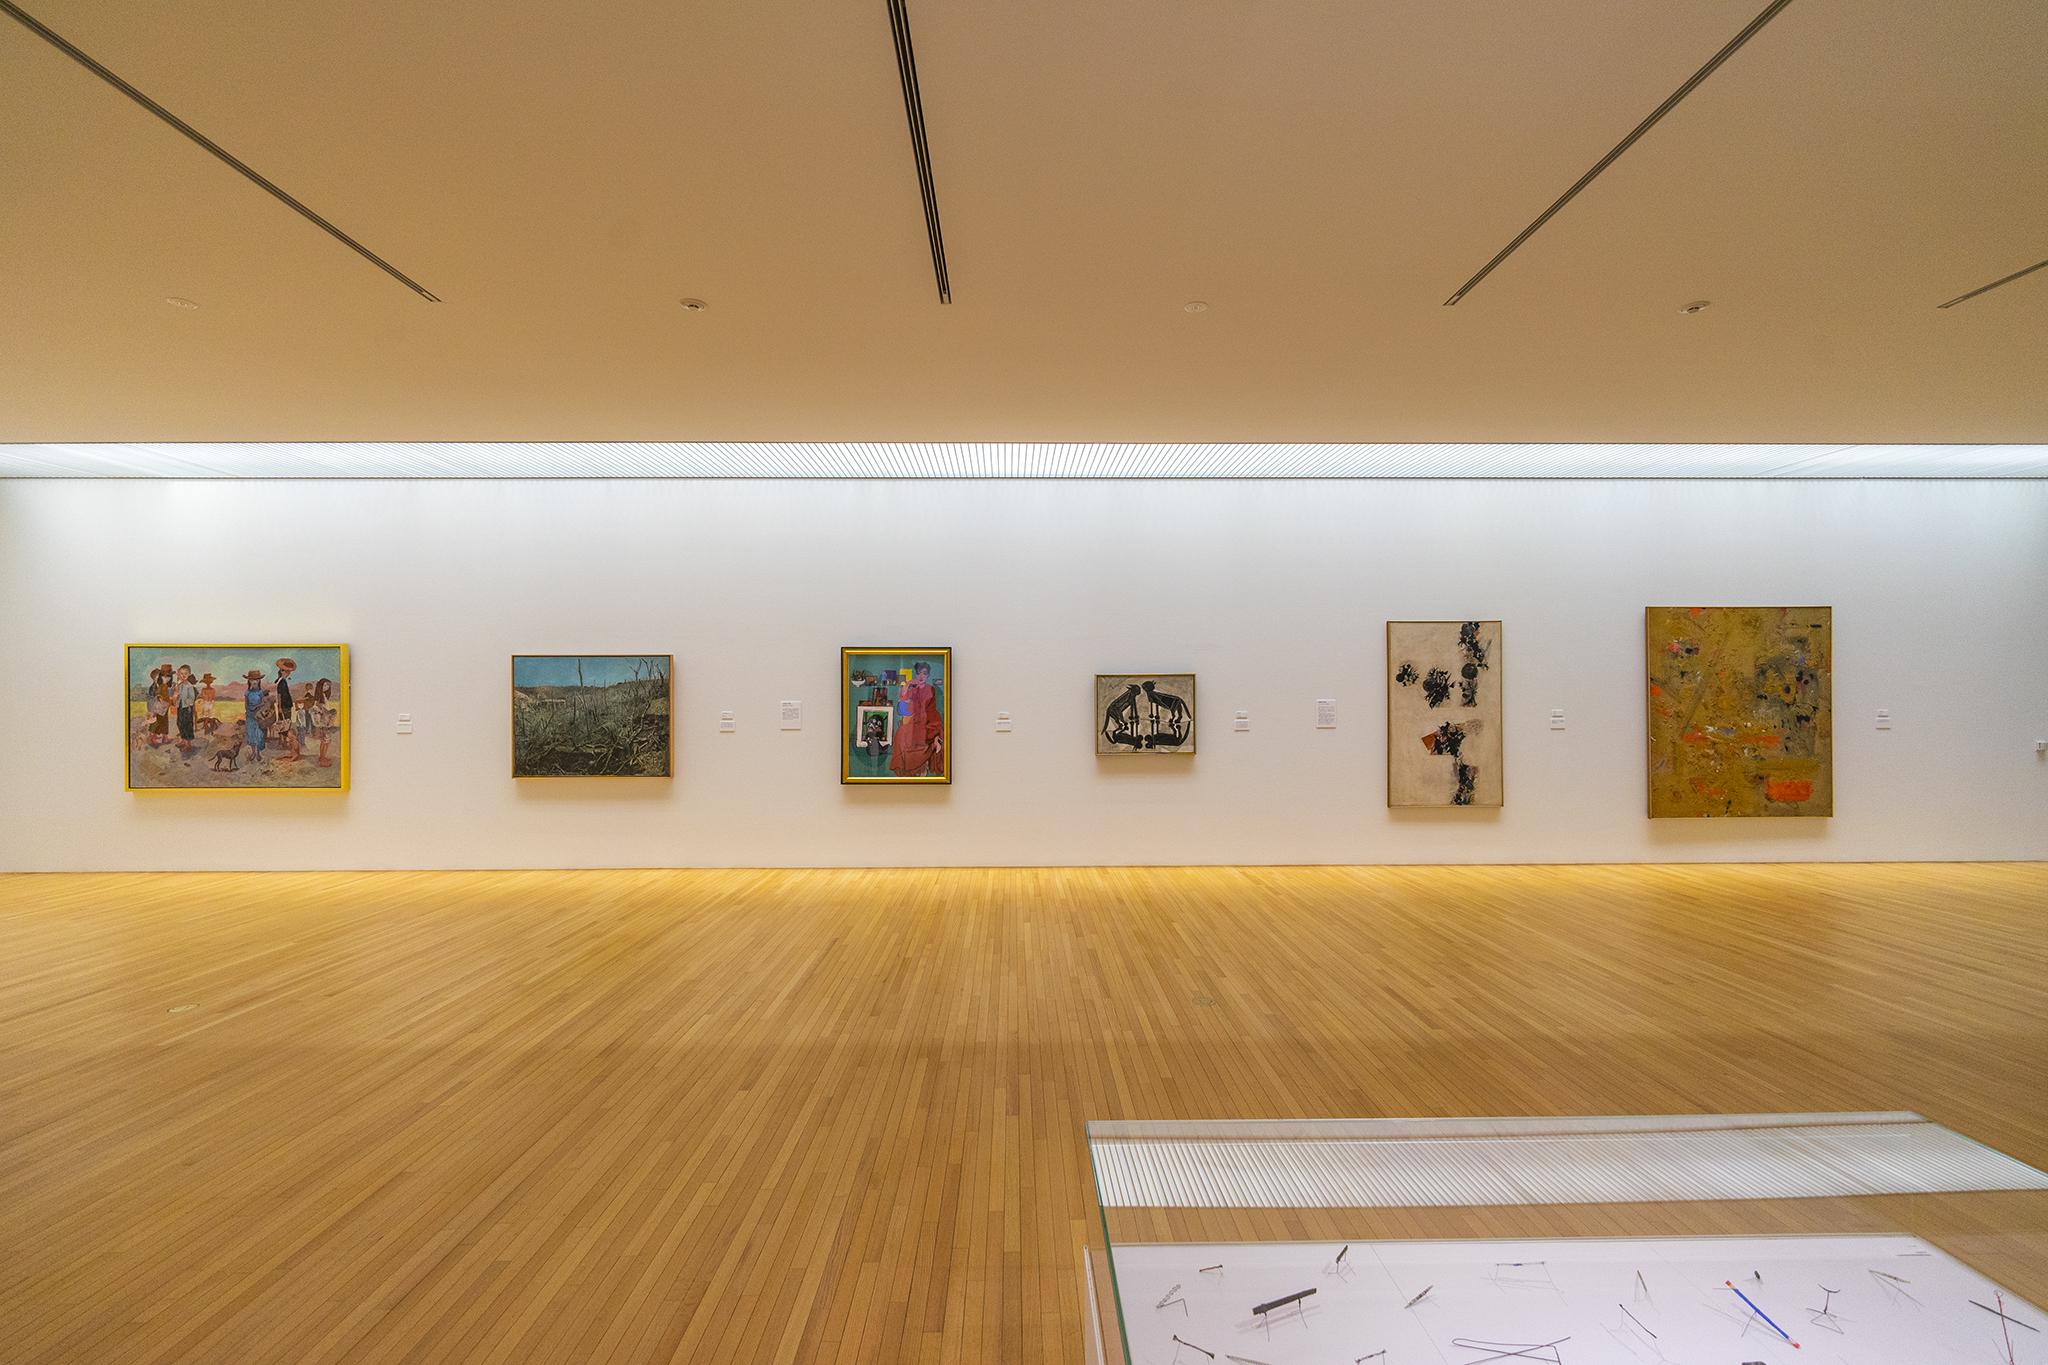 猪熊弦一郎現代美術館「アートはバイタミン」